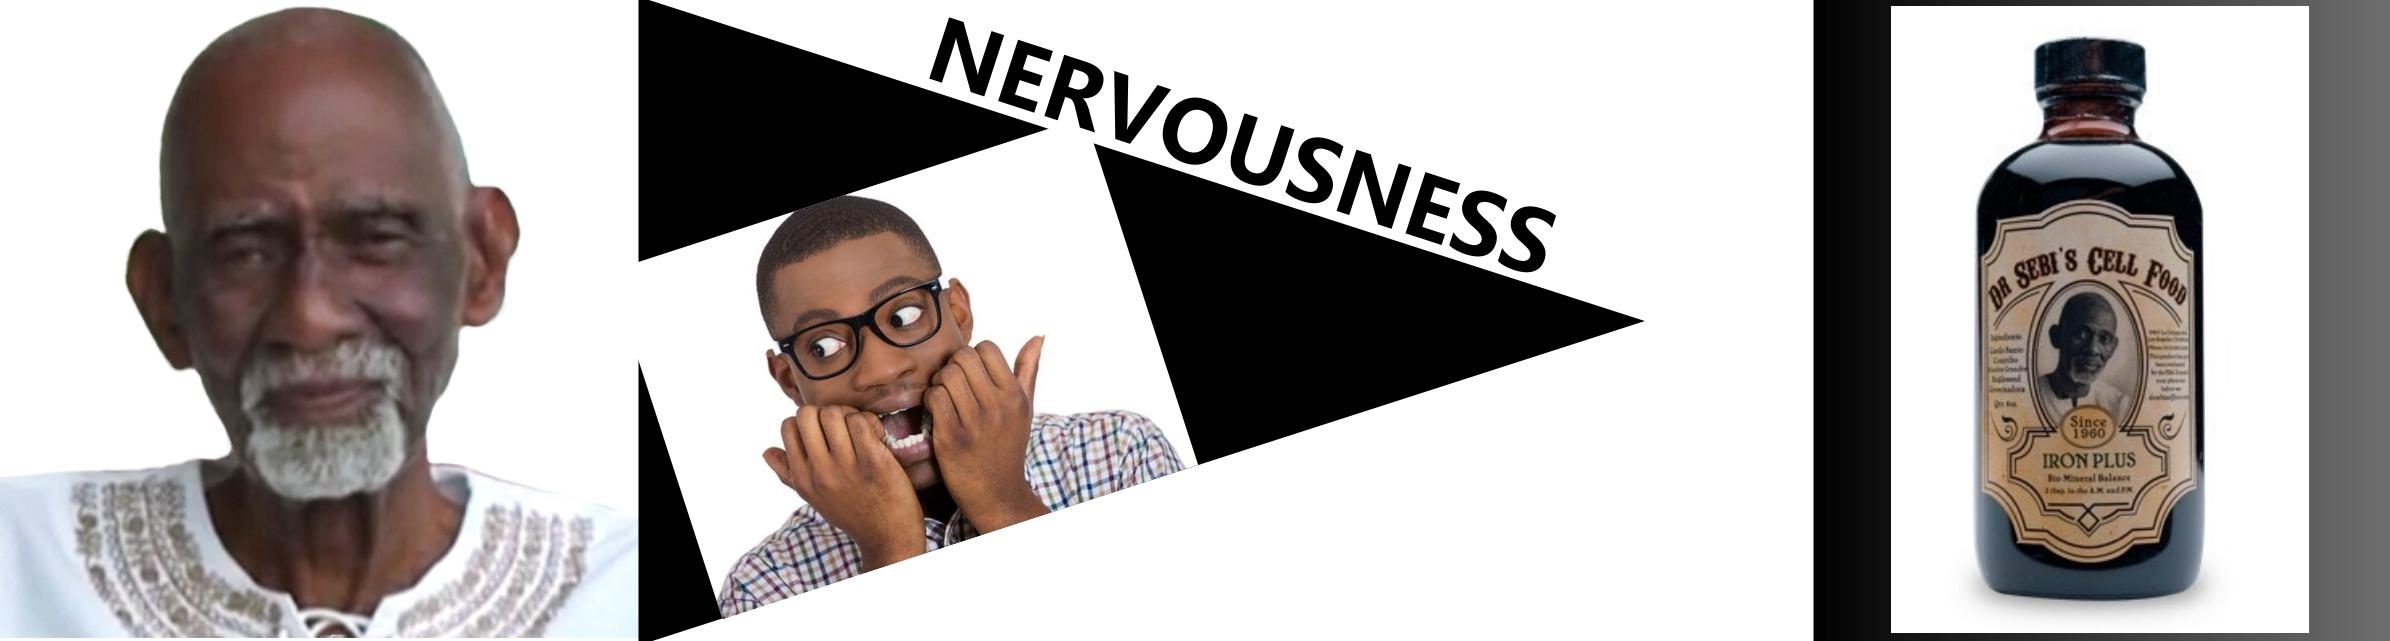 Nervousness 2